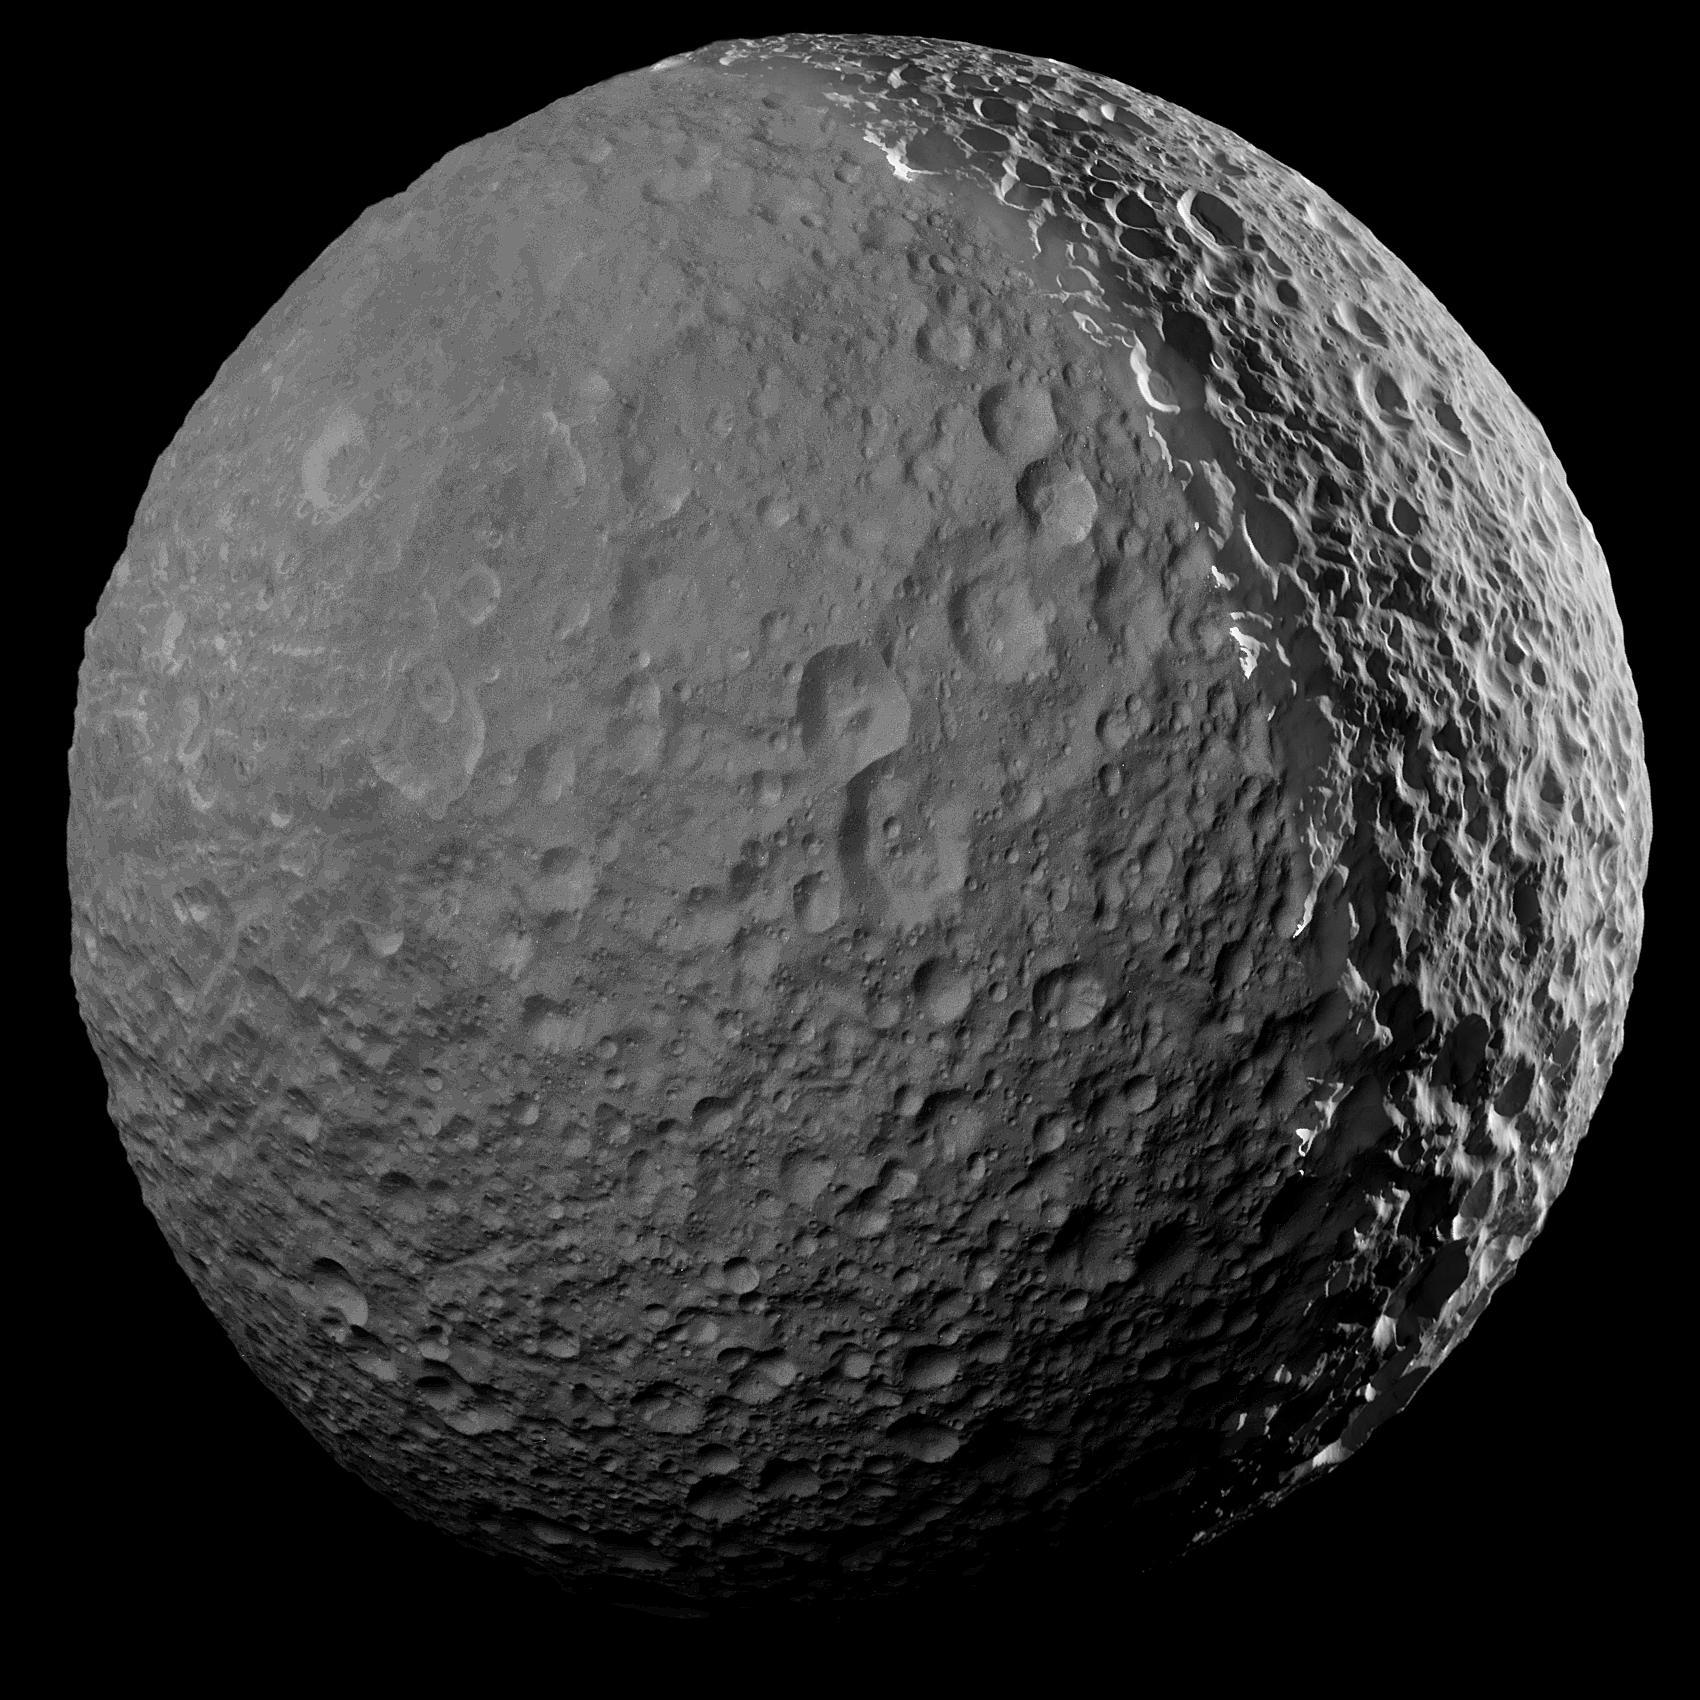 On January 30, 2017, Cassini passed 25,620 miles (41,230 ...